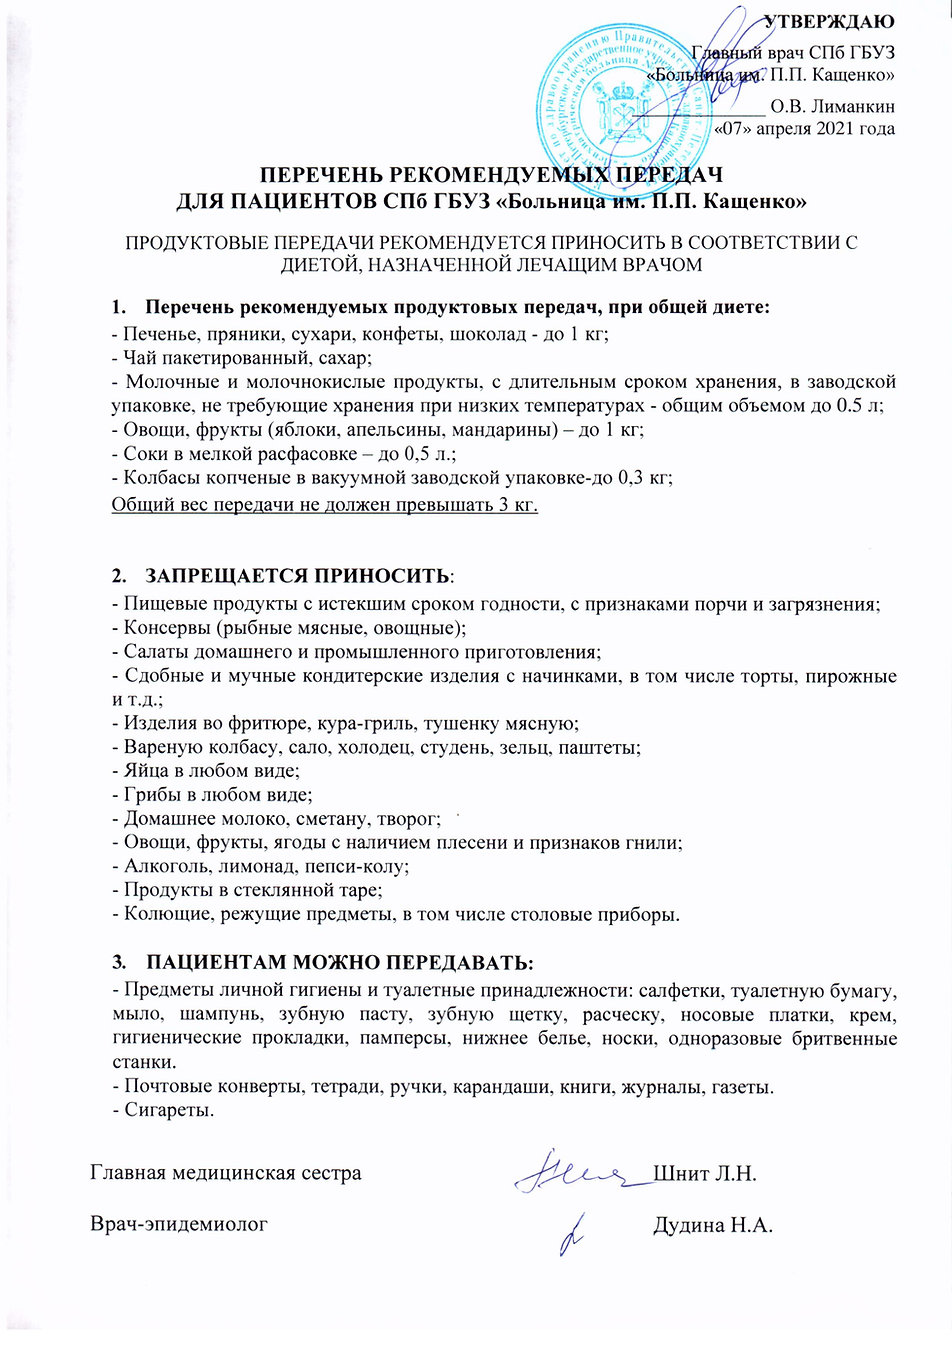 Перечень продуктовых передач к Распоряжению № 3.jpg